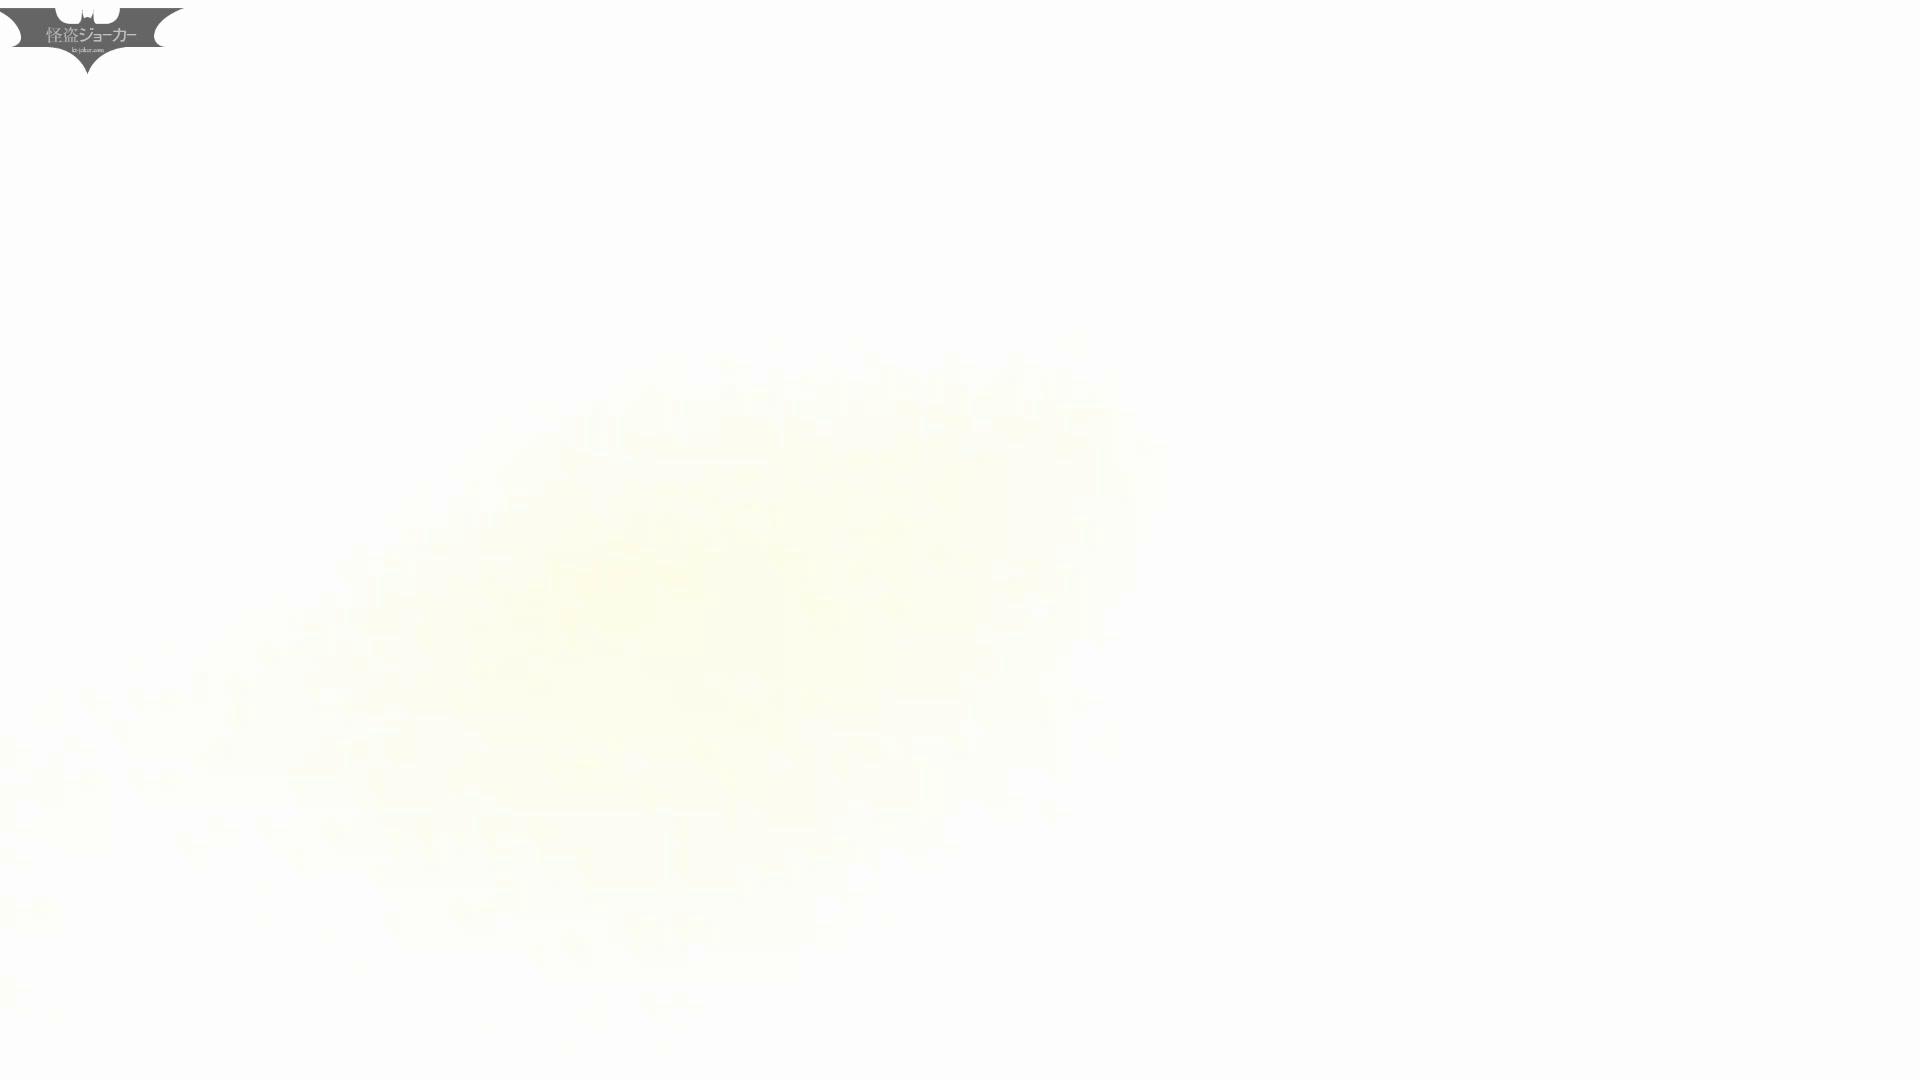 和式洋式七変化 Vol.28 綺麗に撮れました。(ー_ー)!! 洗面所 盗撮エロ画像 105pic 44